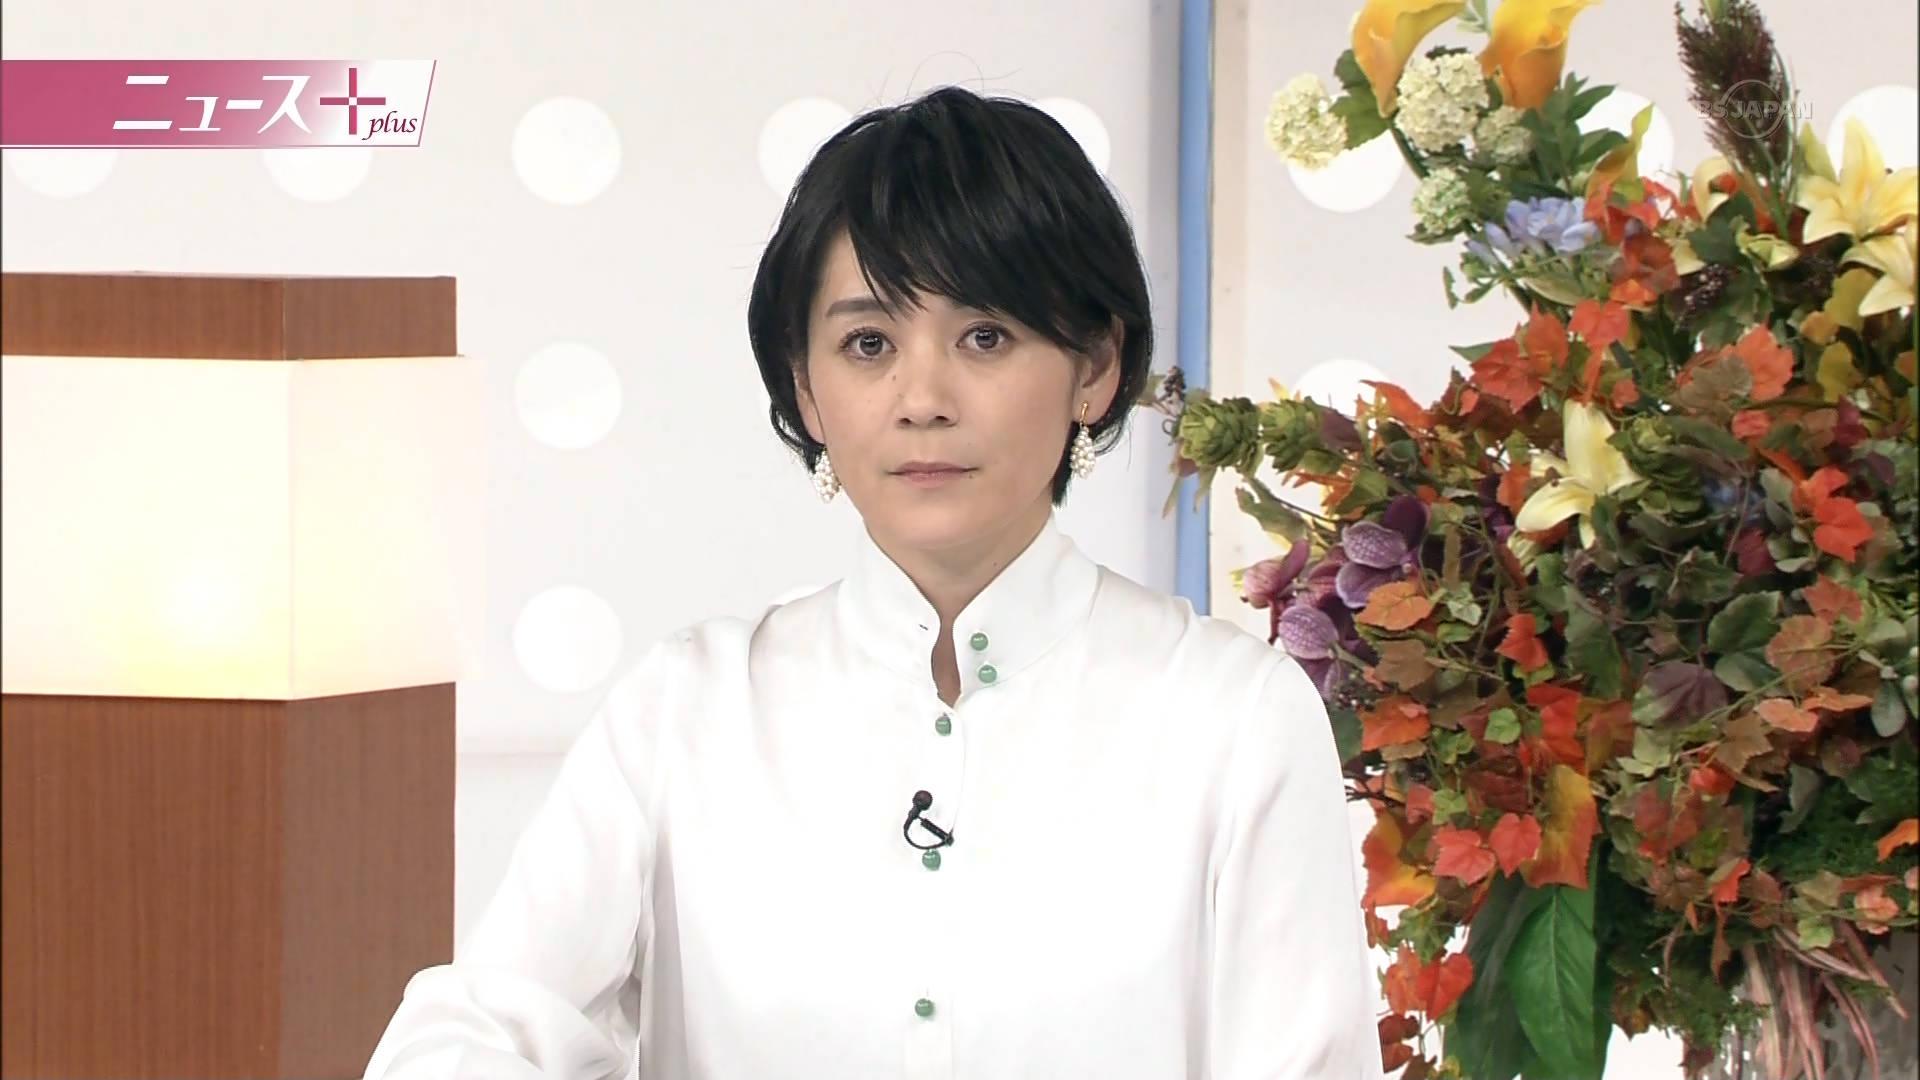 テレビ東京の女子アナ、水原恵理がエロい